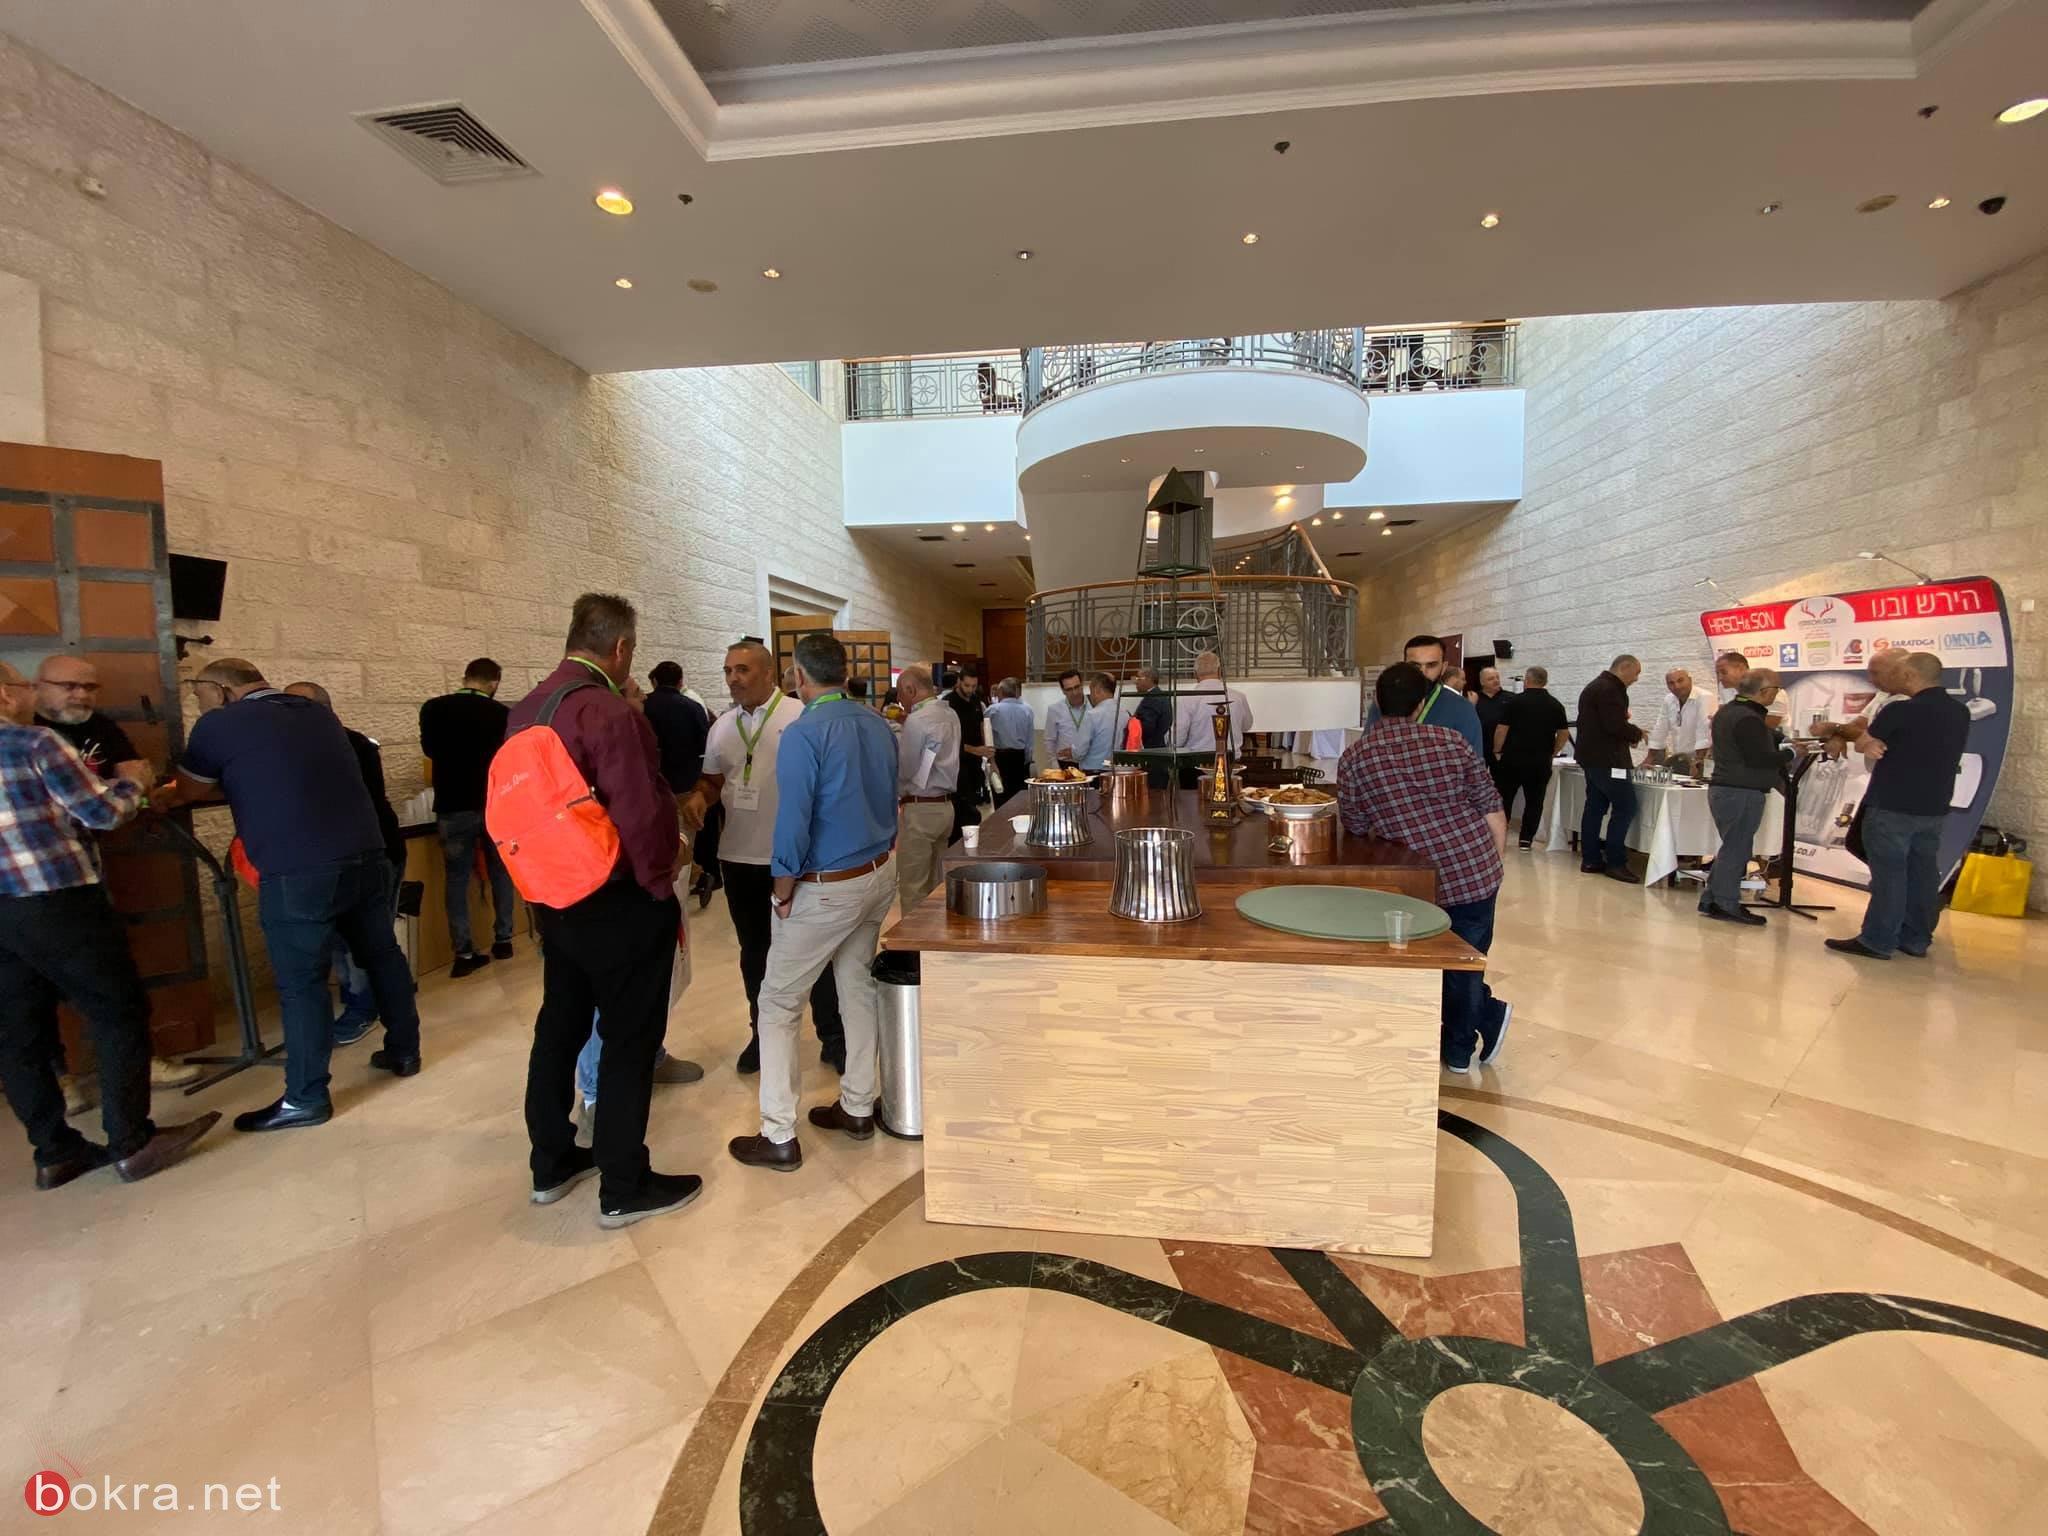 الناصرة: مشاركة واسعة في مؤتمر قسم جراحة الوجه والفكين بمستشفى بوريا بالتعاون مع جمعية أطباء الأسنان العرب